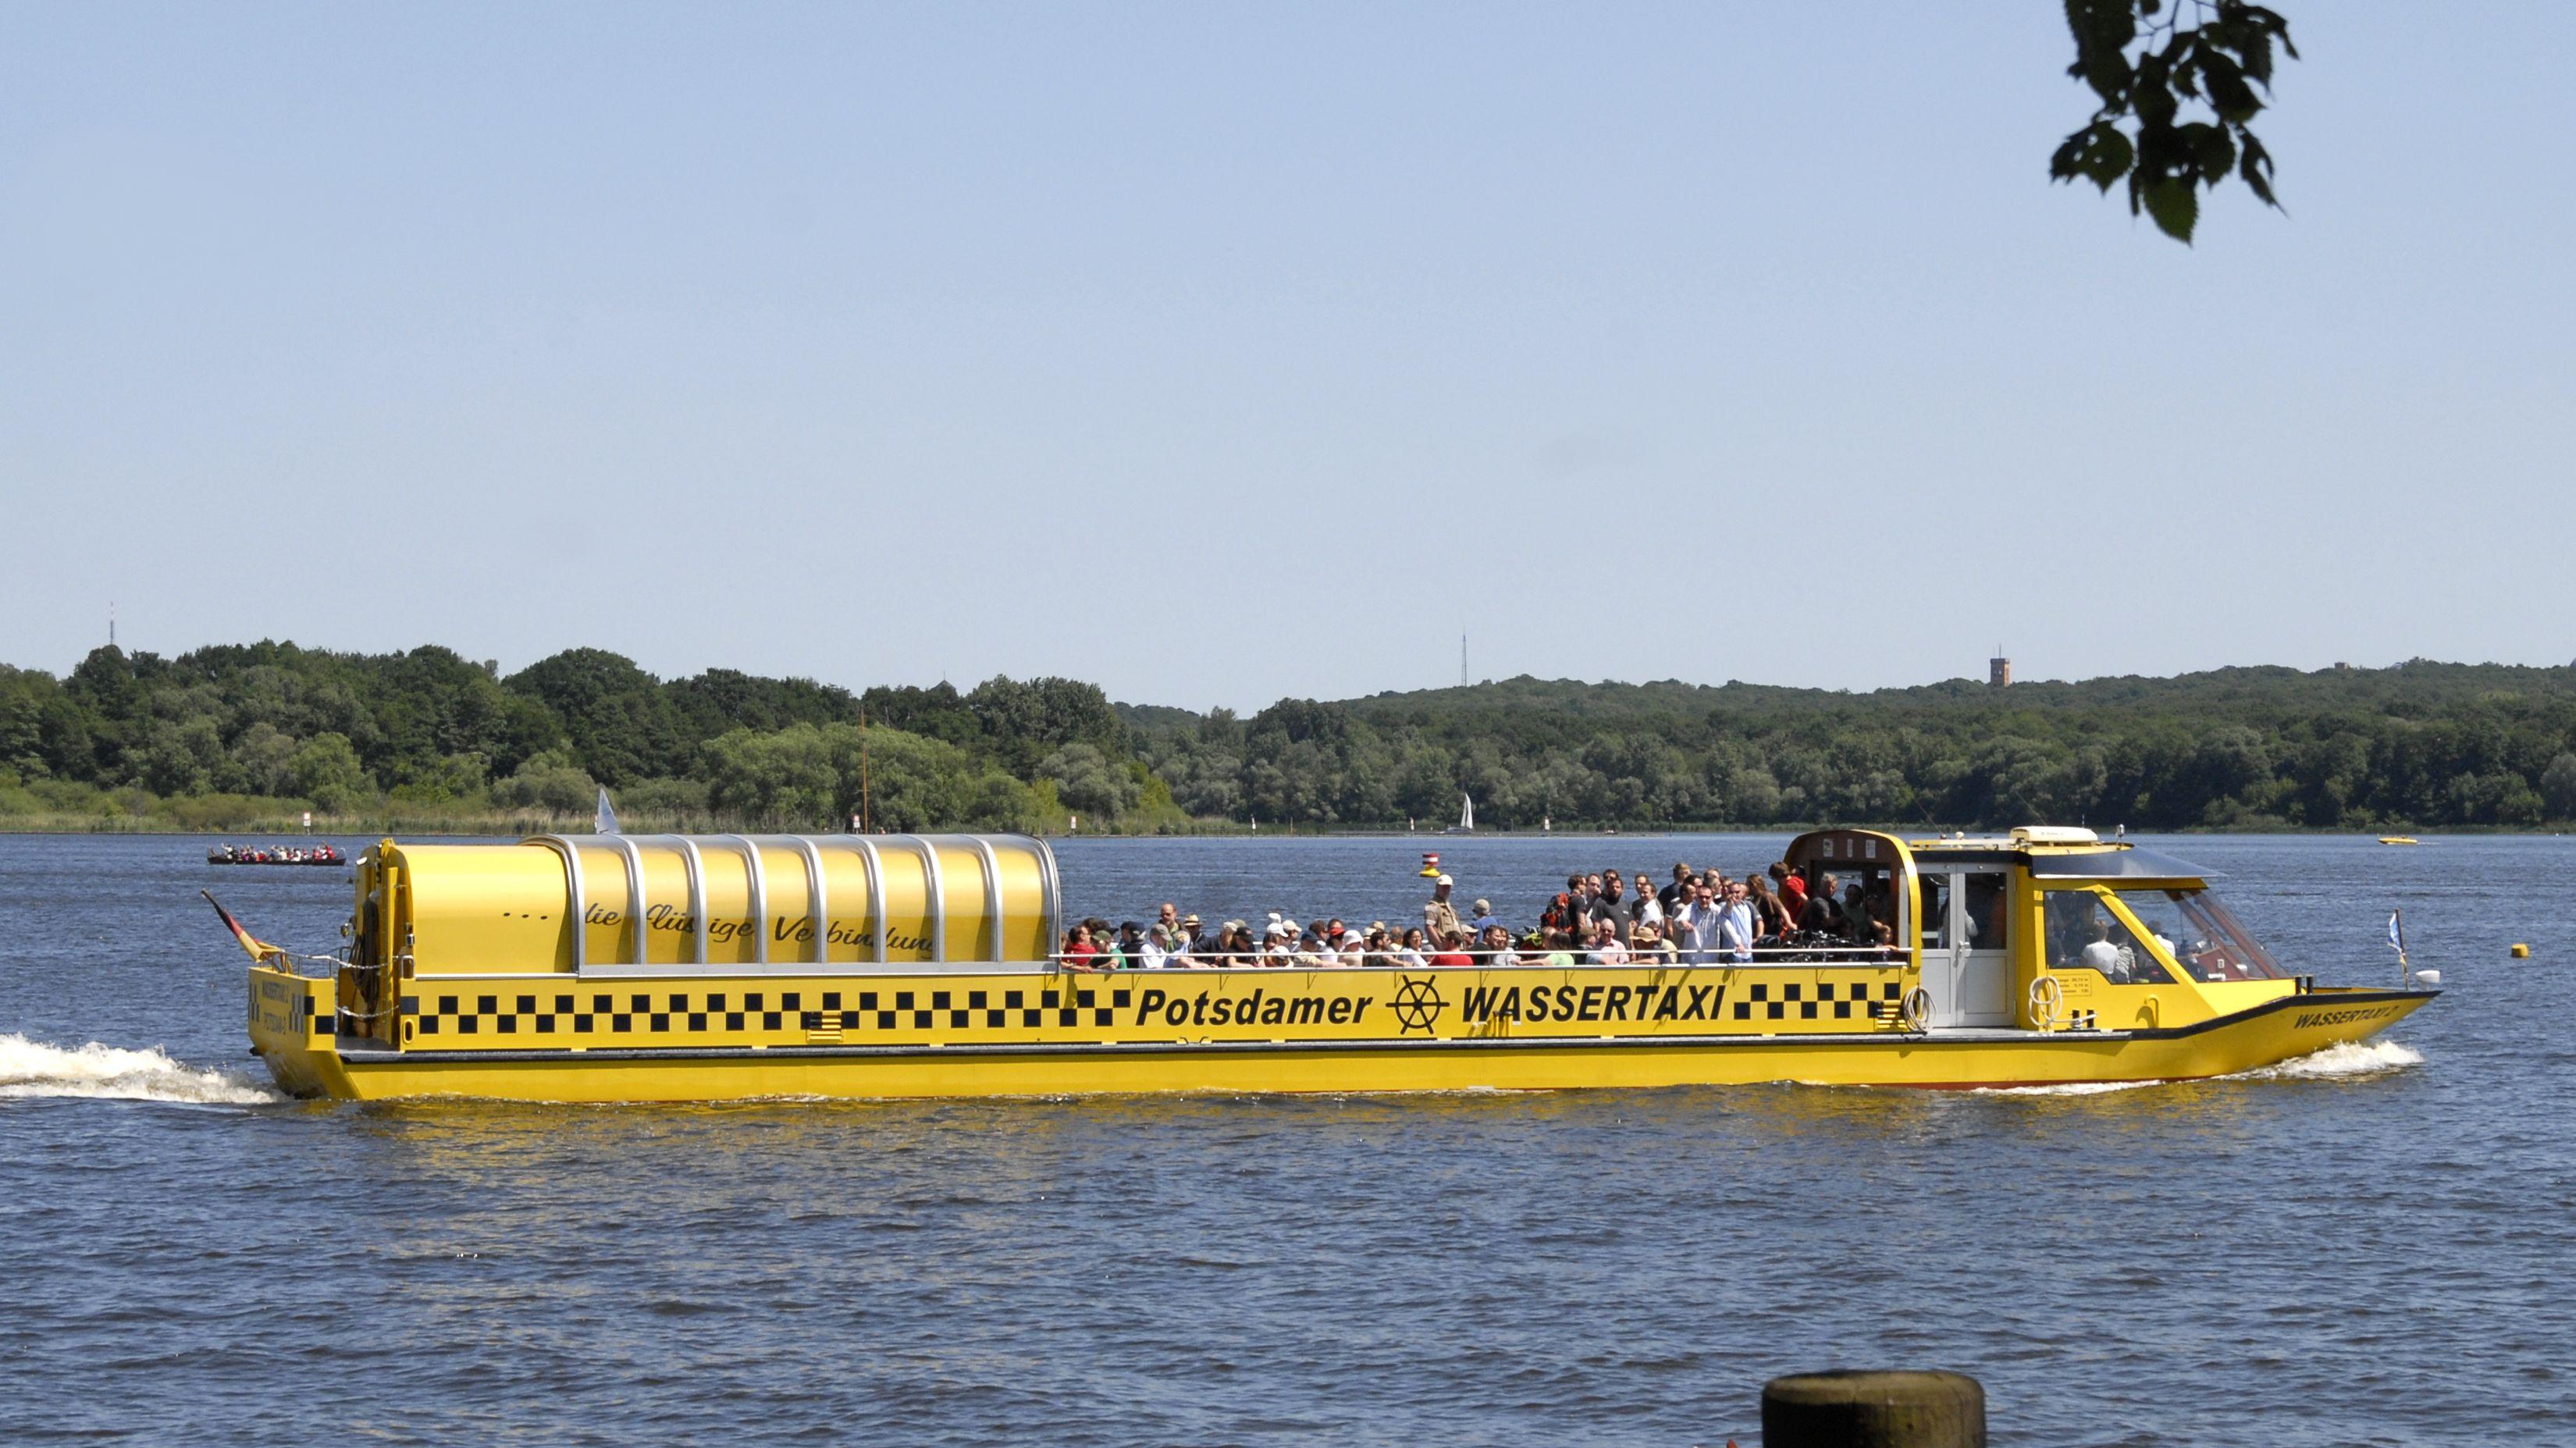 Ein Wassertaxi auf der Havel in Potsdam